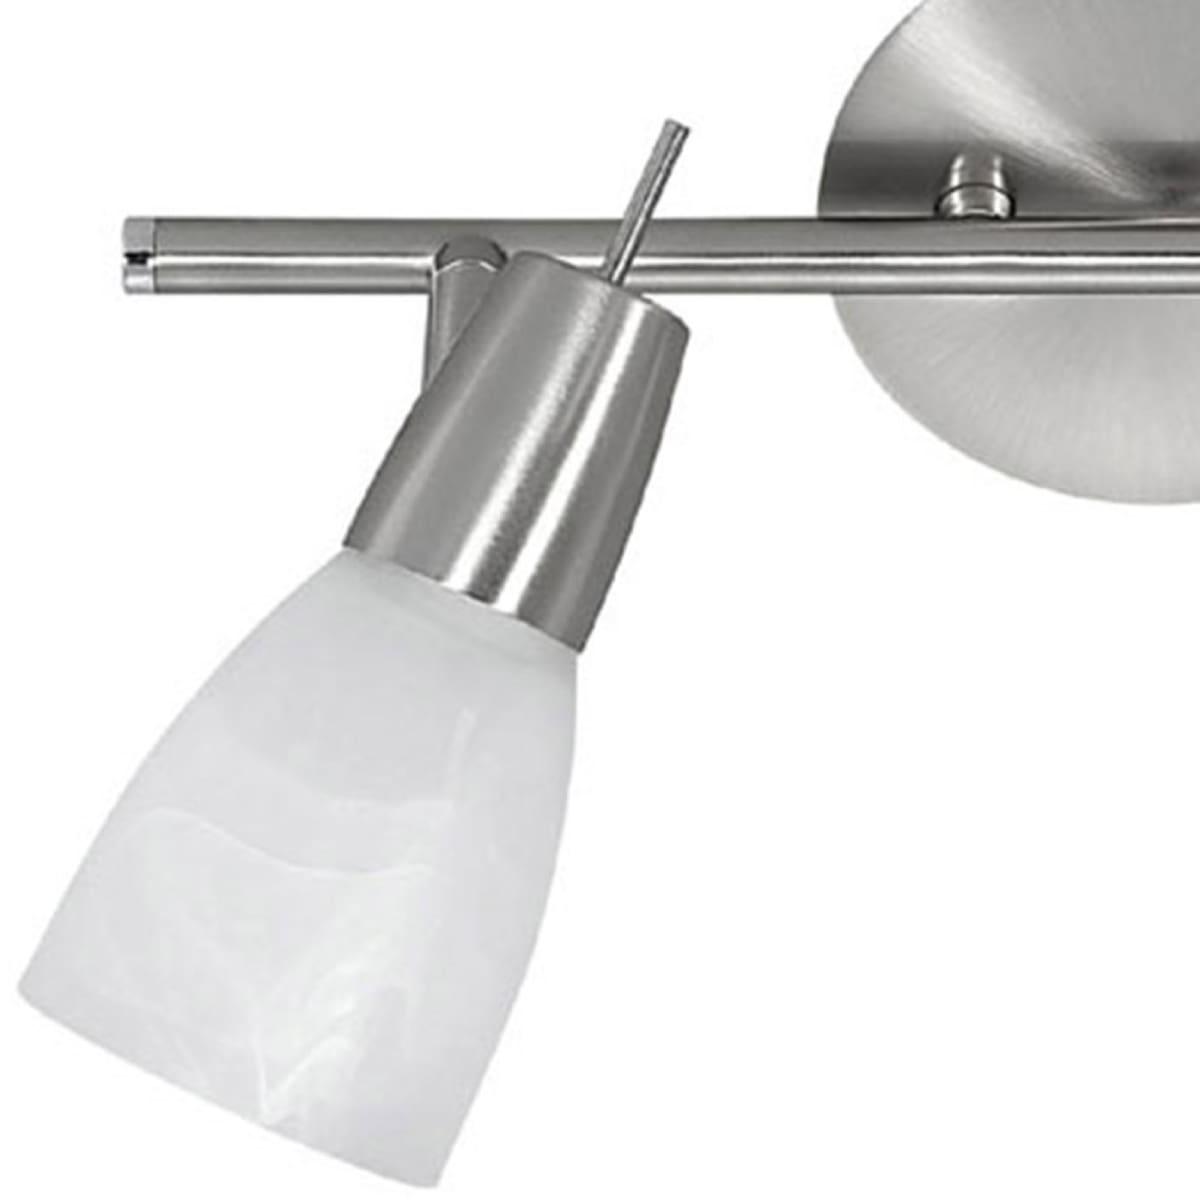 LED Deckenleuchte, stahl, Glas, 2-flammig